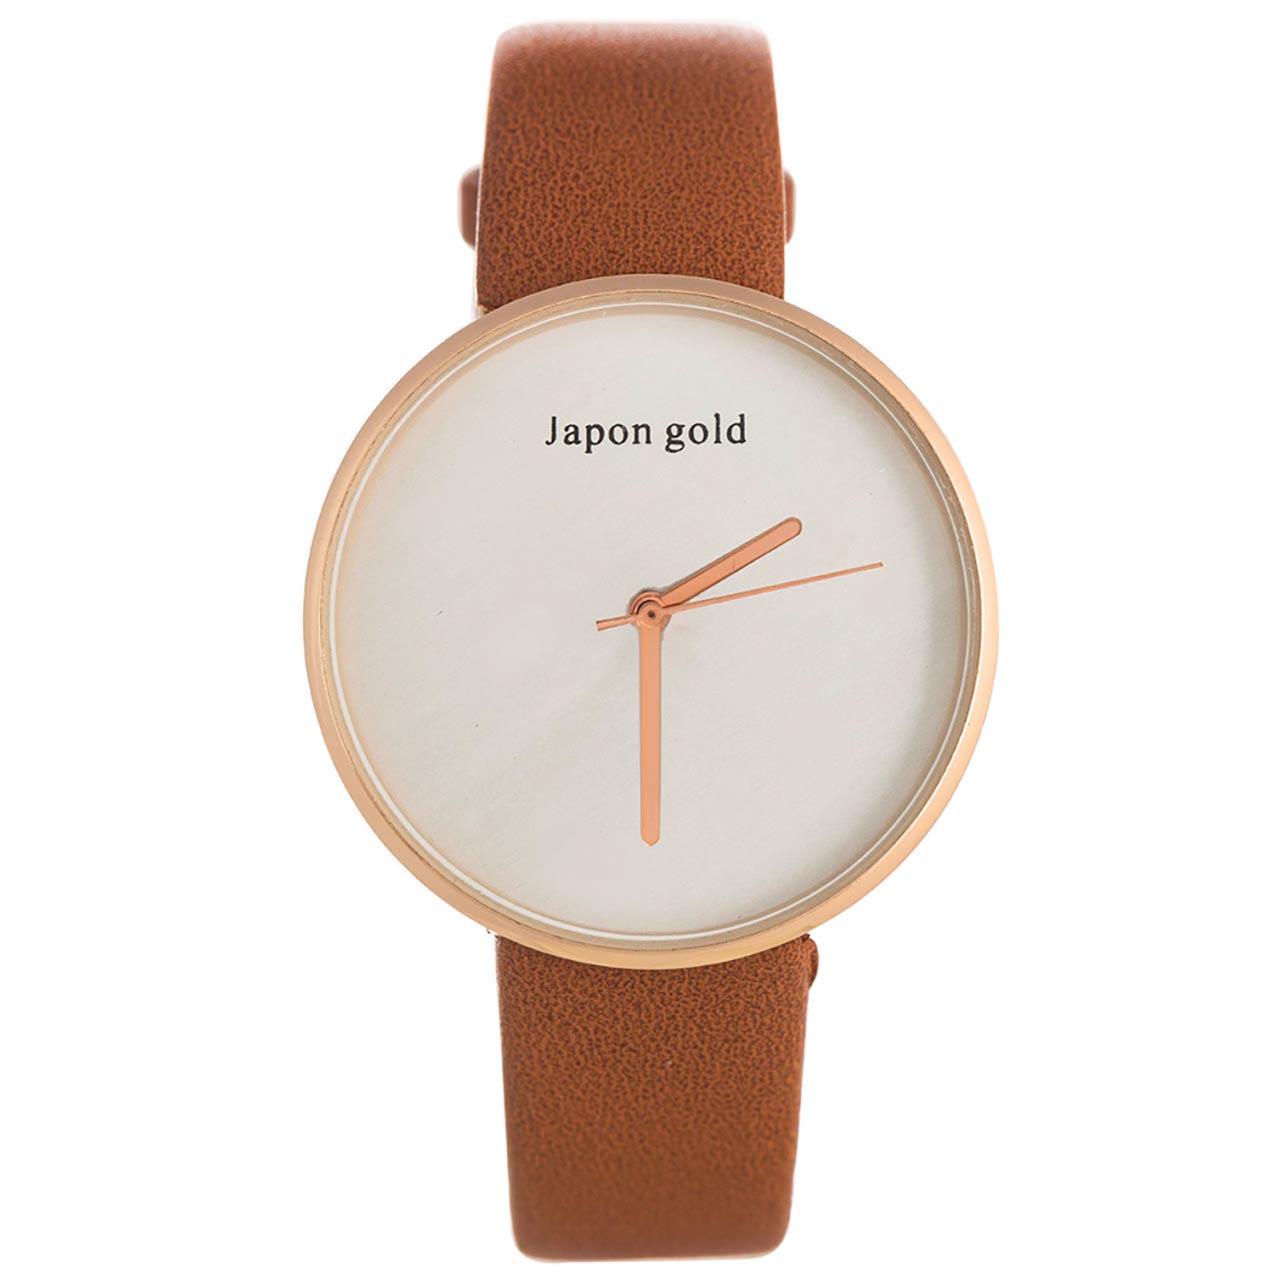 ساعت مچی عقربه ای ژاپن گلد مدل BL09